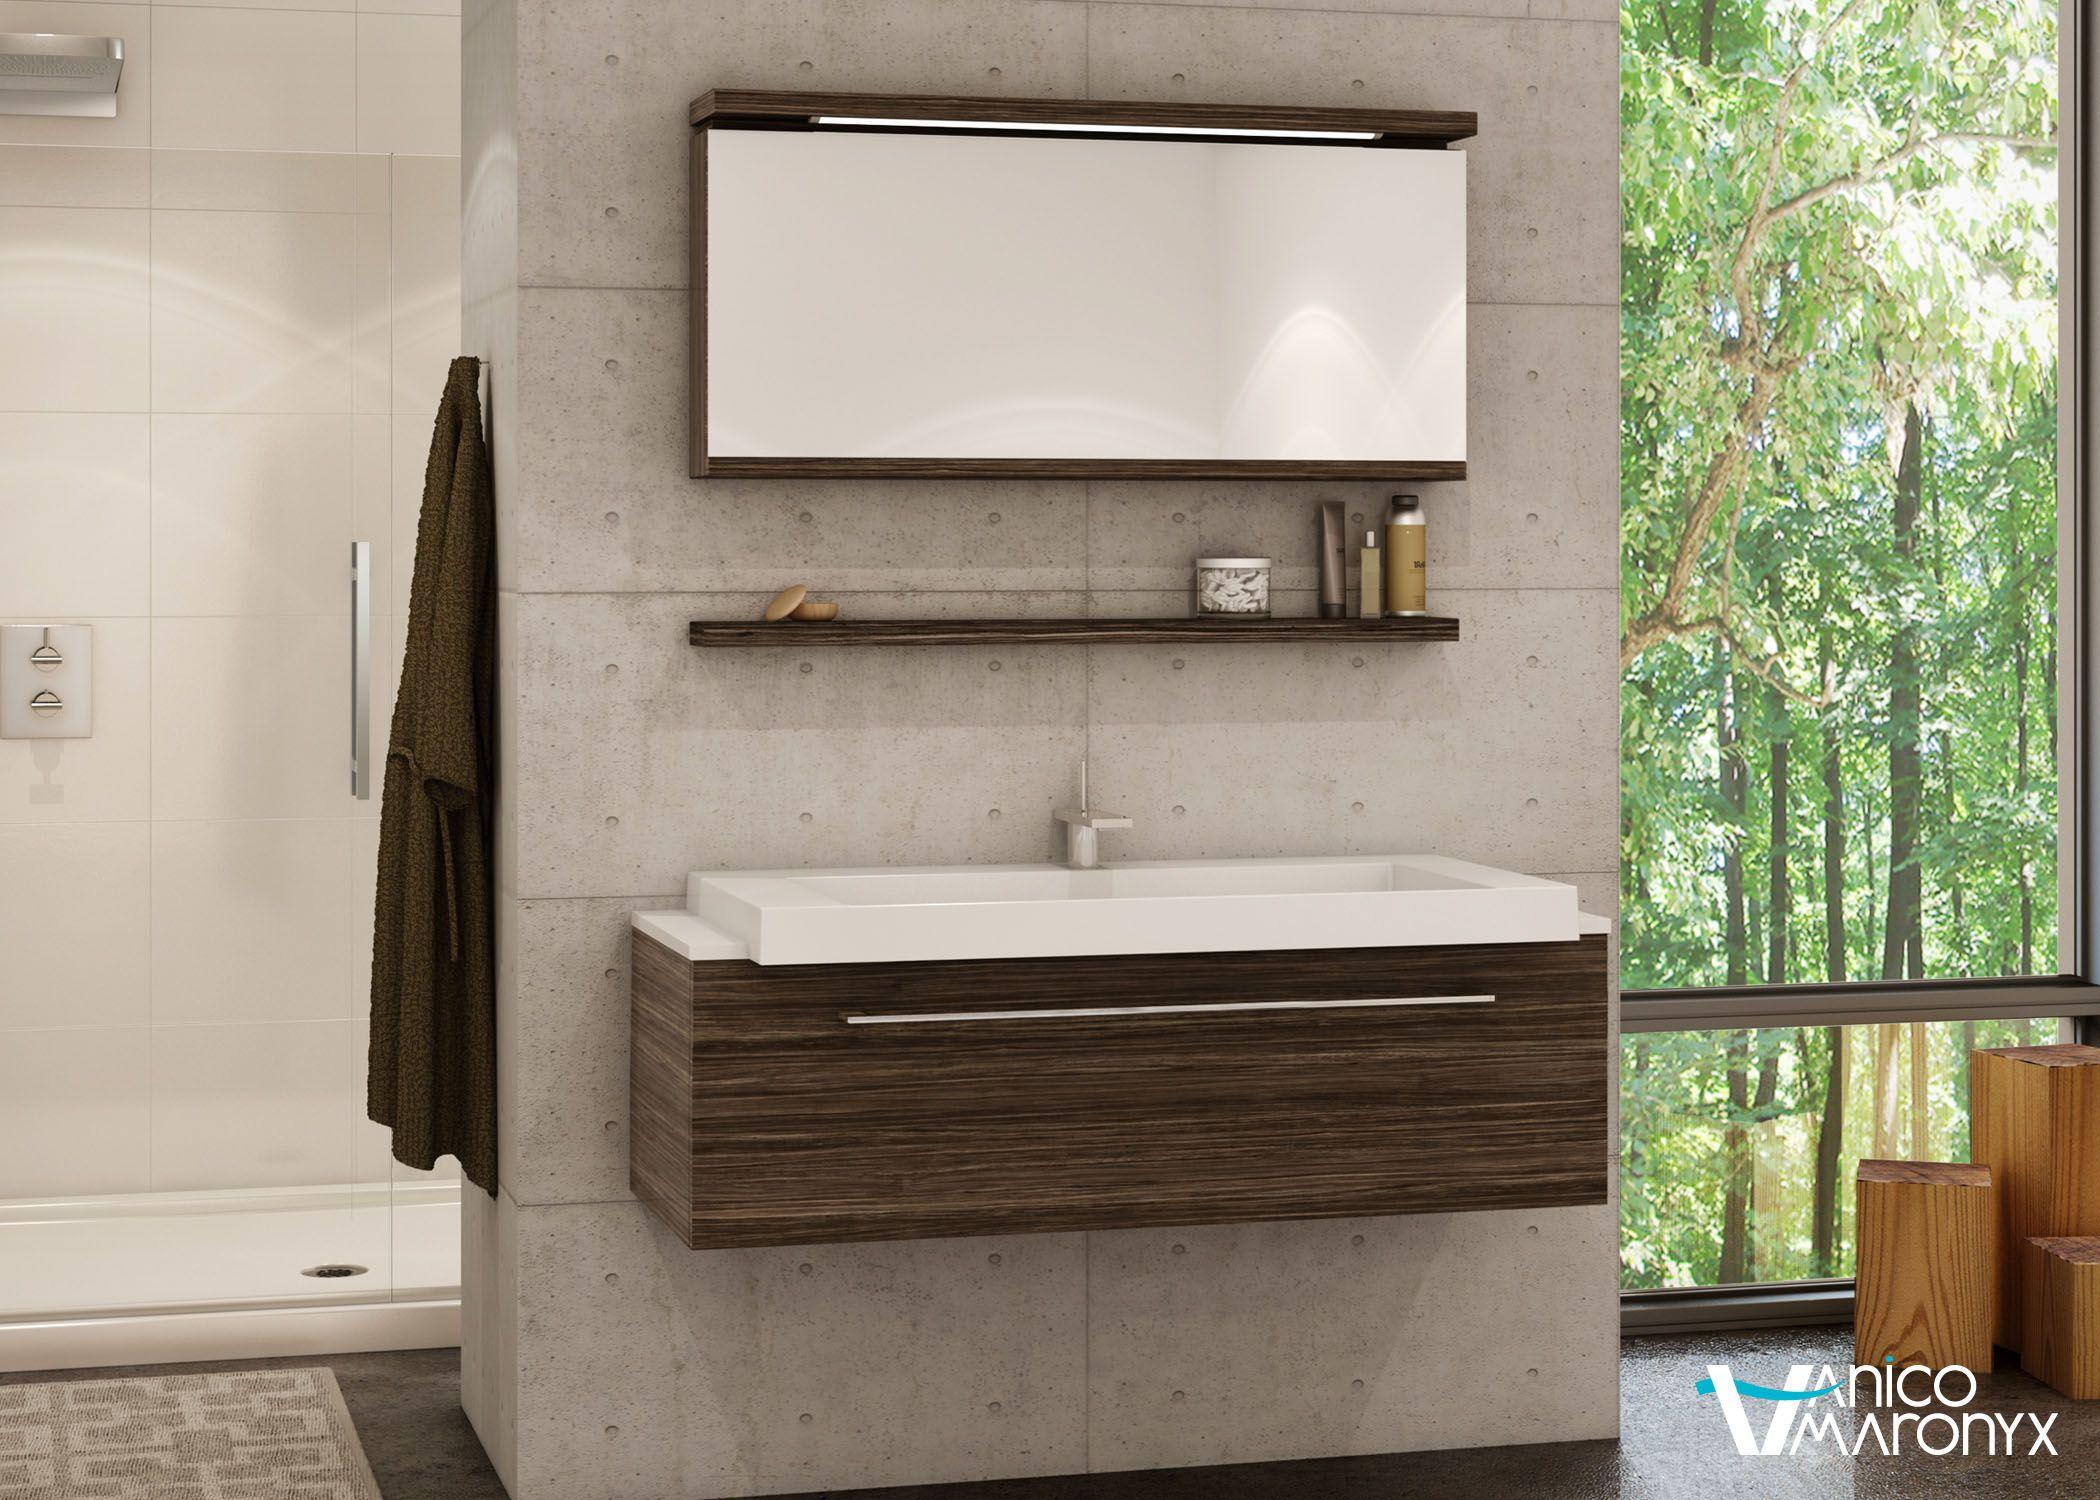 mobilier de salle de bain u de la s rie mix vanico maronyx disponible chez montr al les. Black Bedroom Furniture Sets. Home Design Ideas